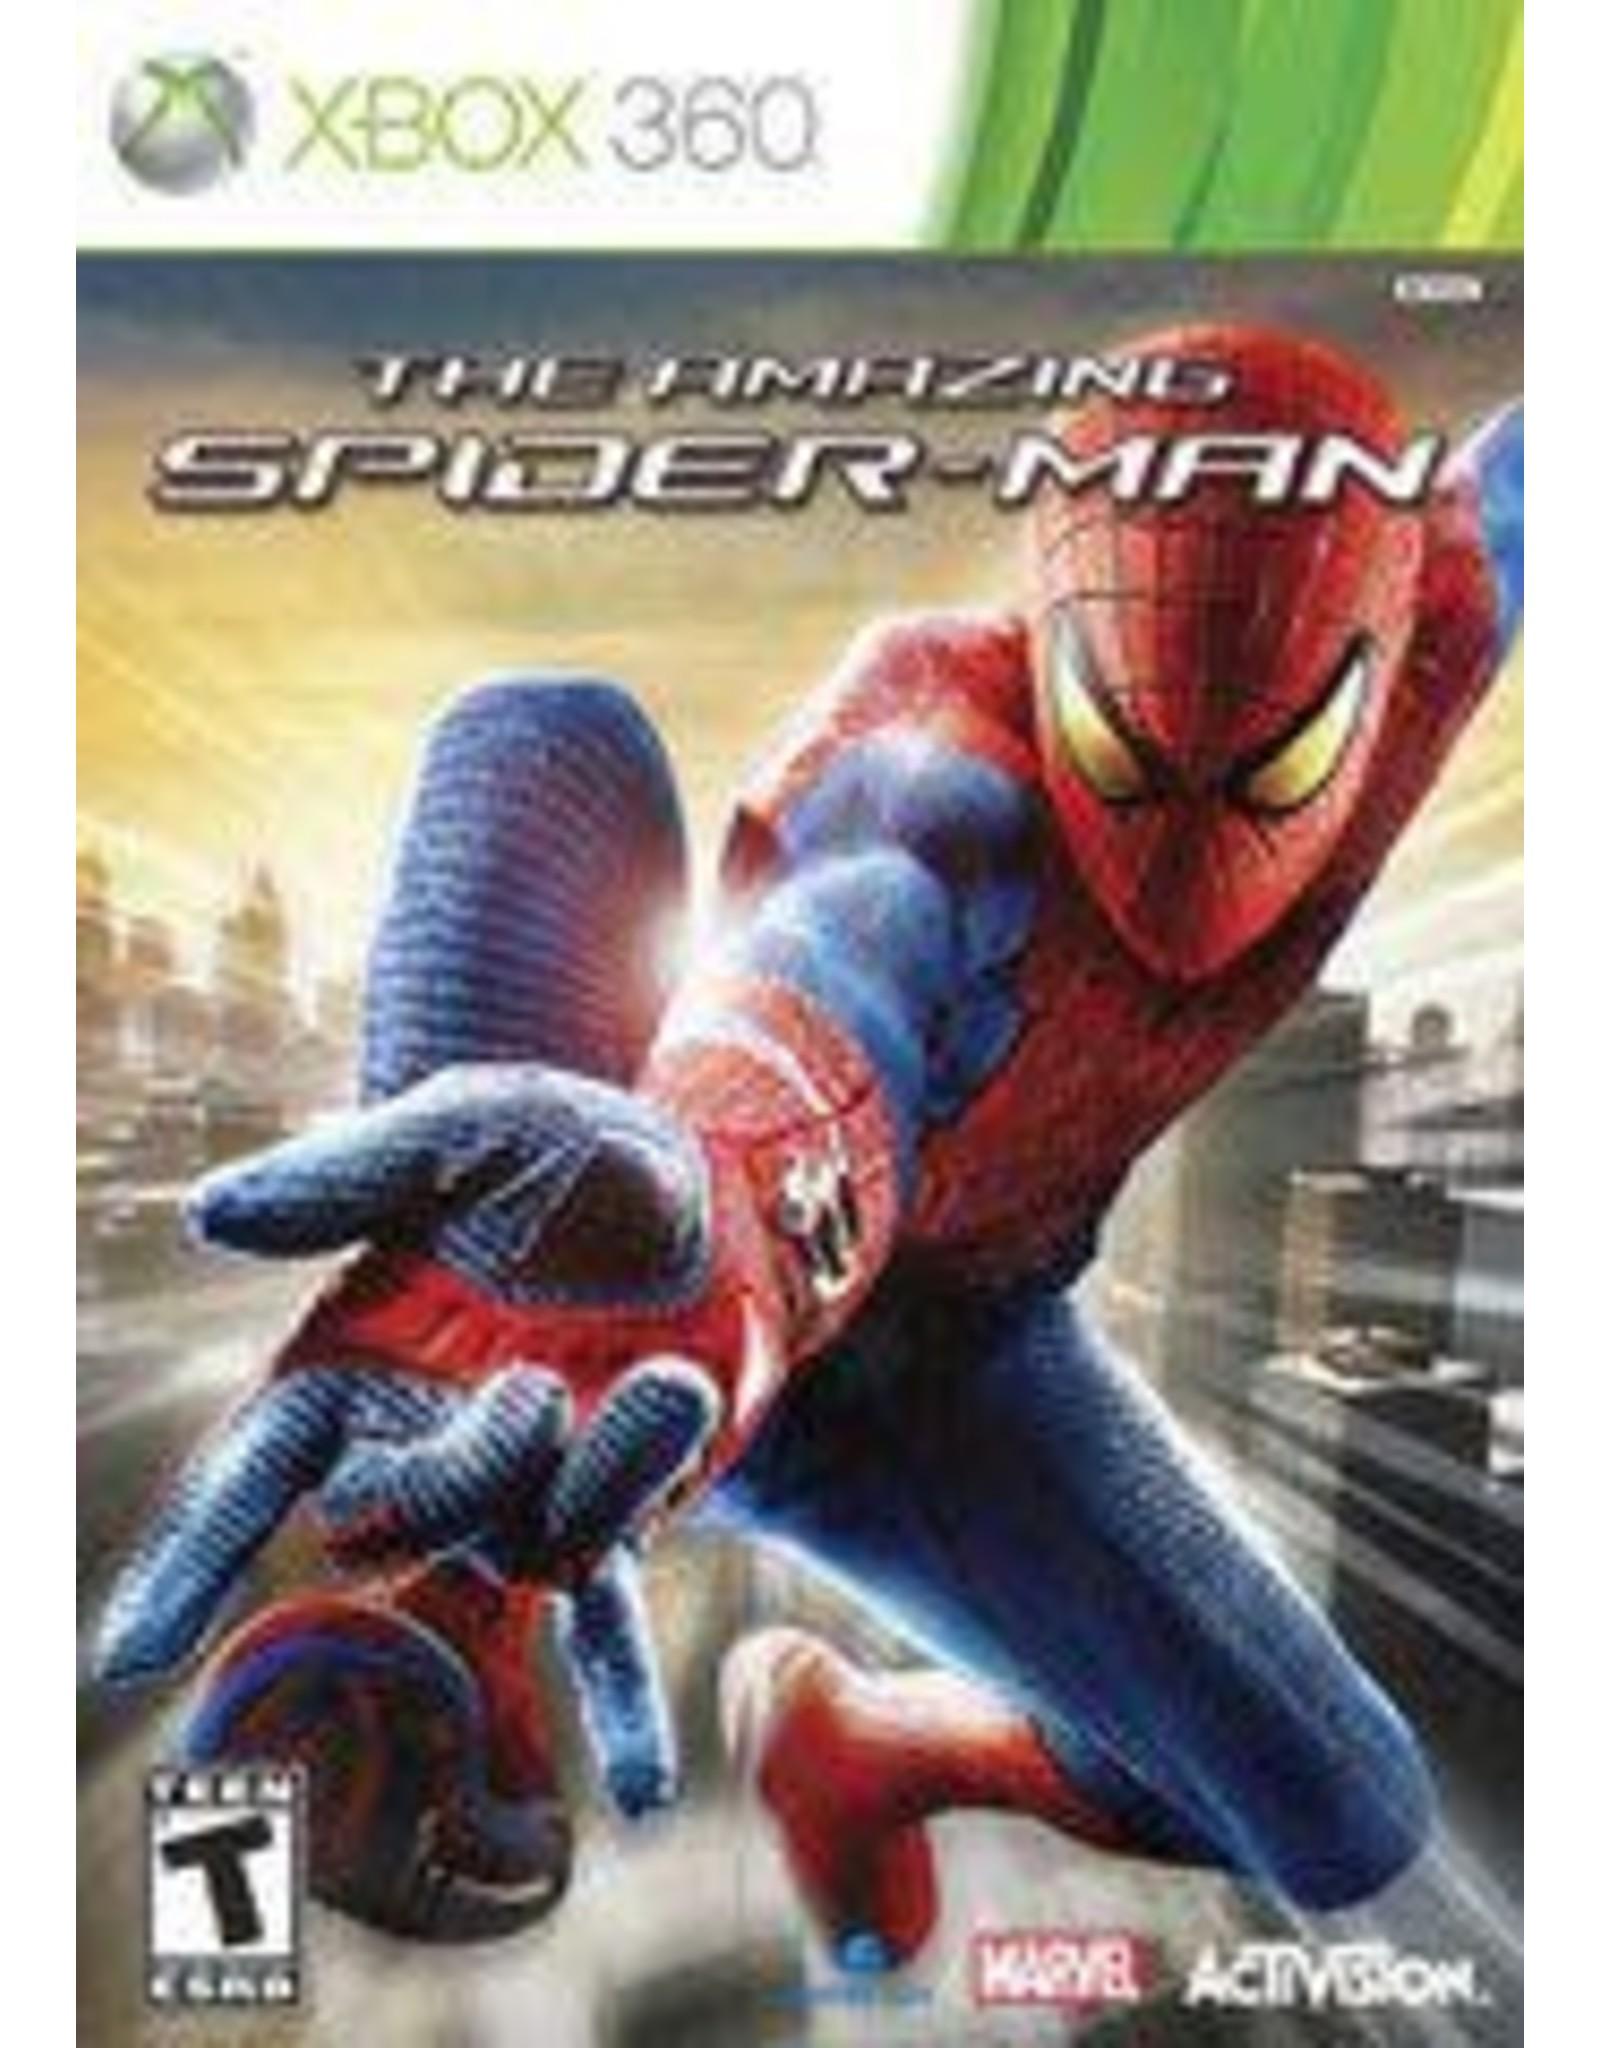 Xbox 360 Amazing Spider-Man (CiB)